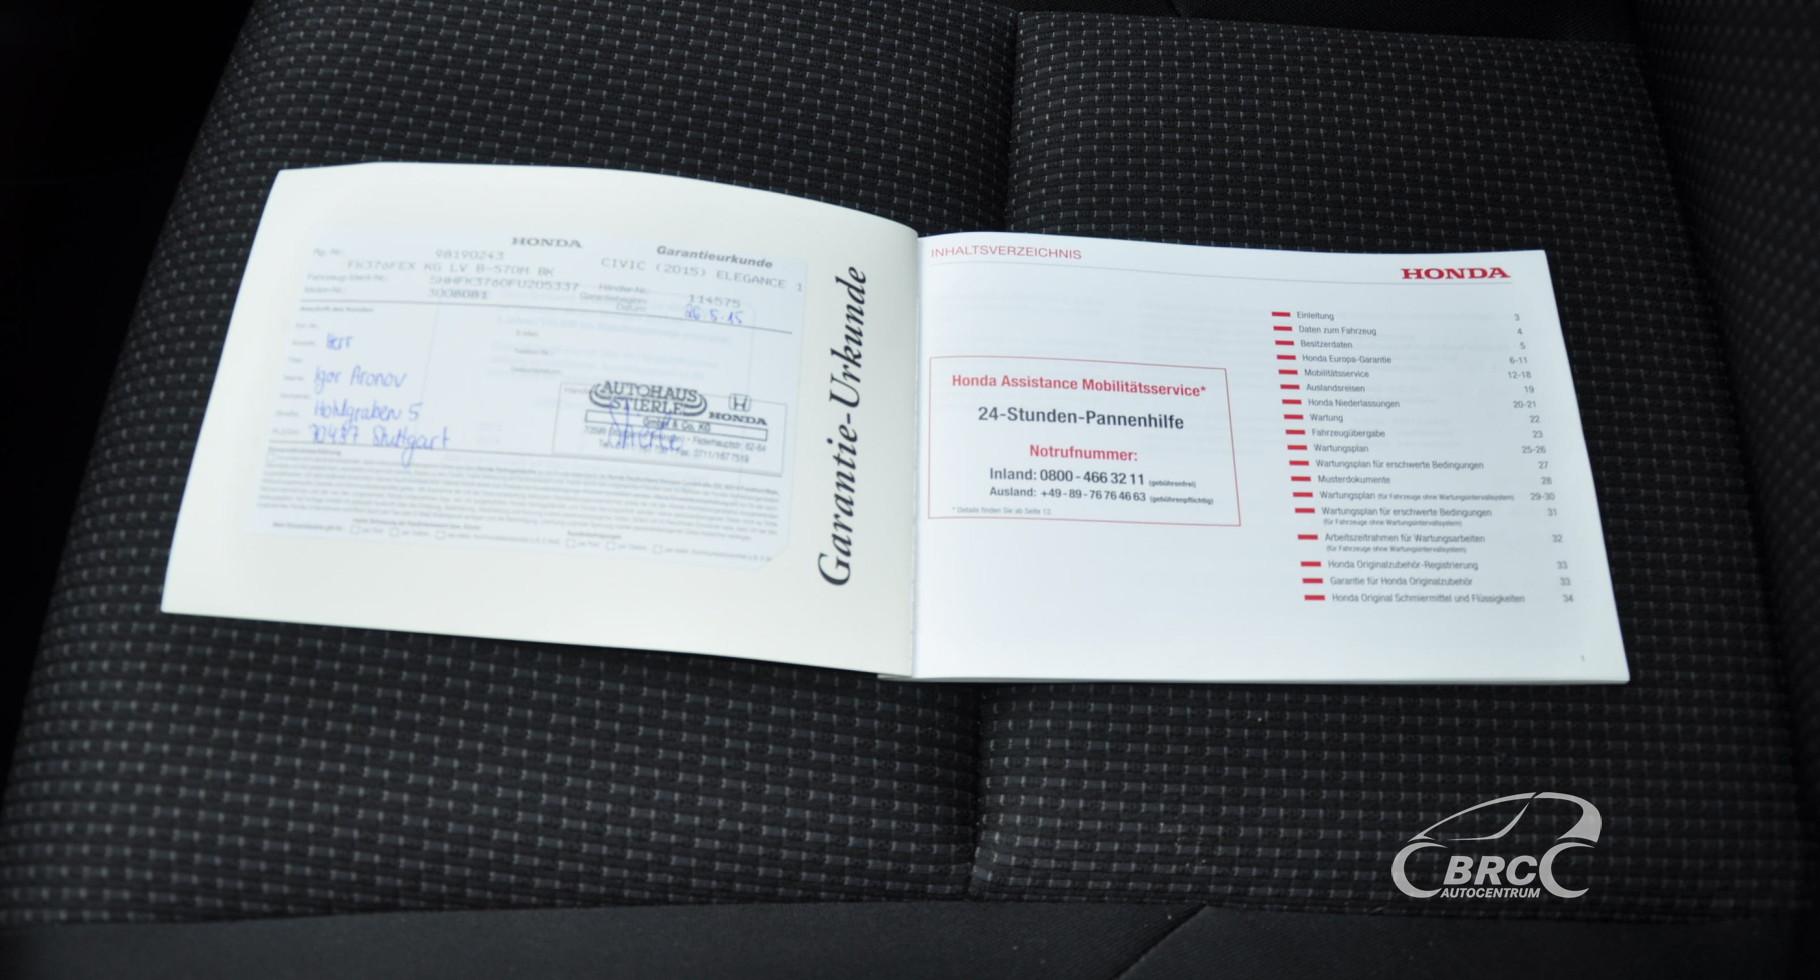 Schön Fahrzeug Inspektionsvorlage Fotos - Ideen Wieder Aufnehmen ...